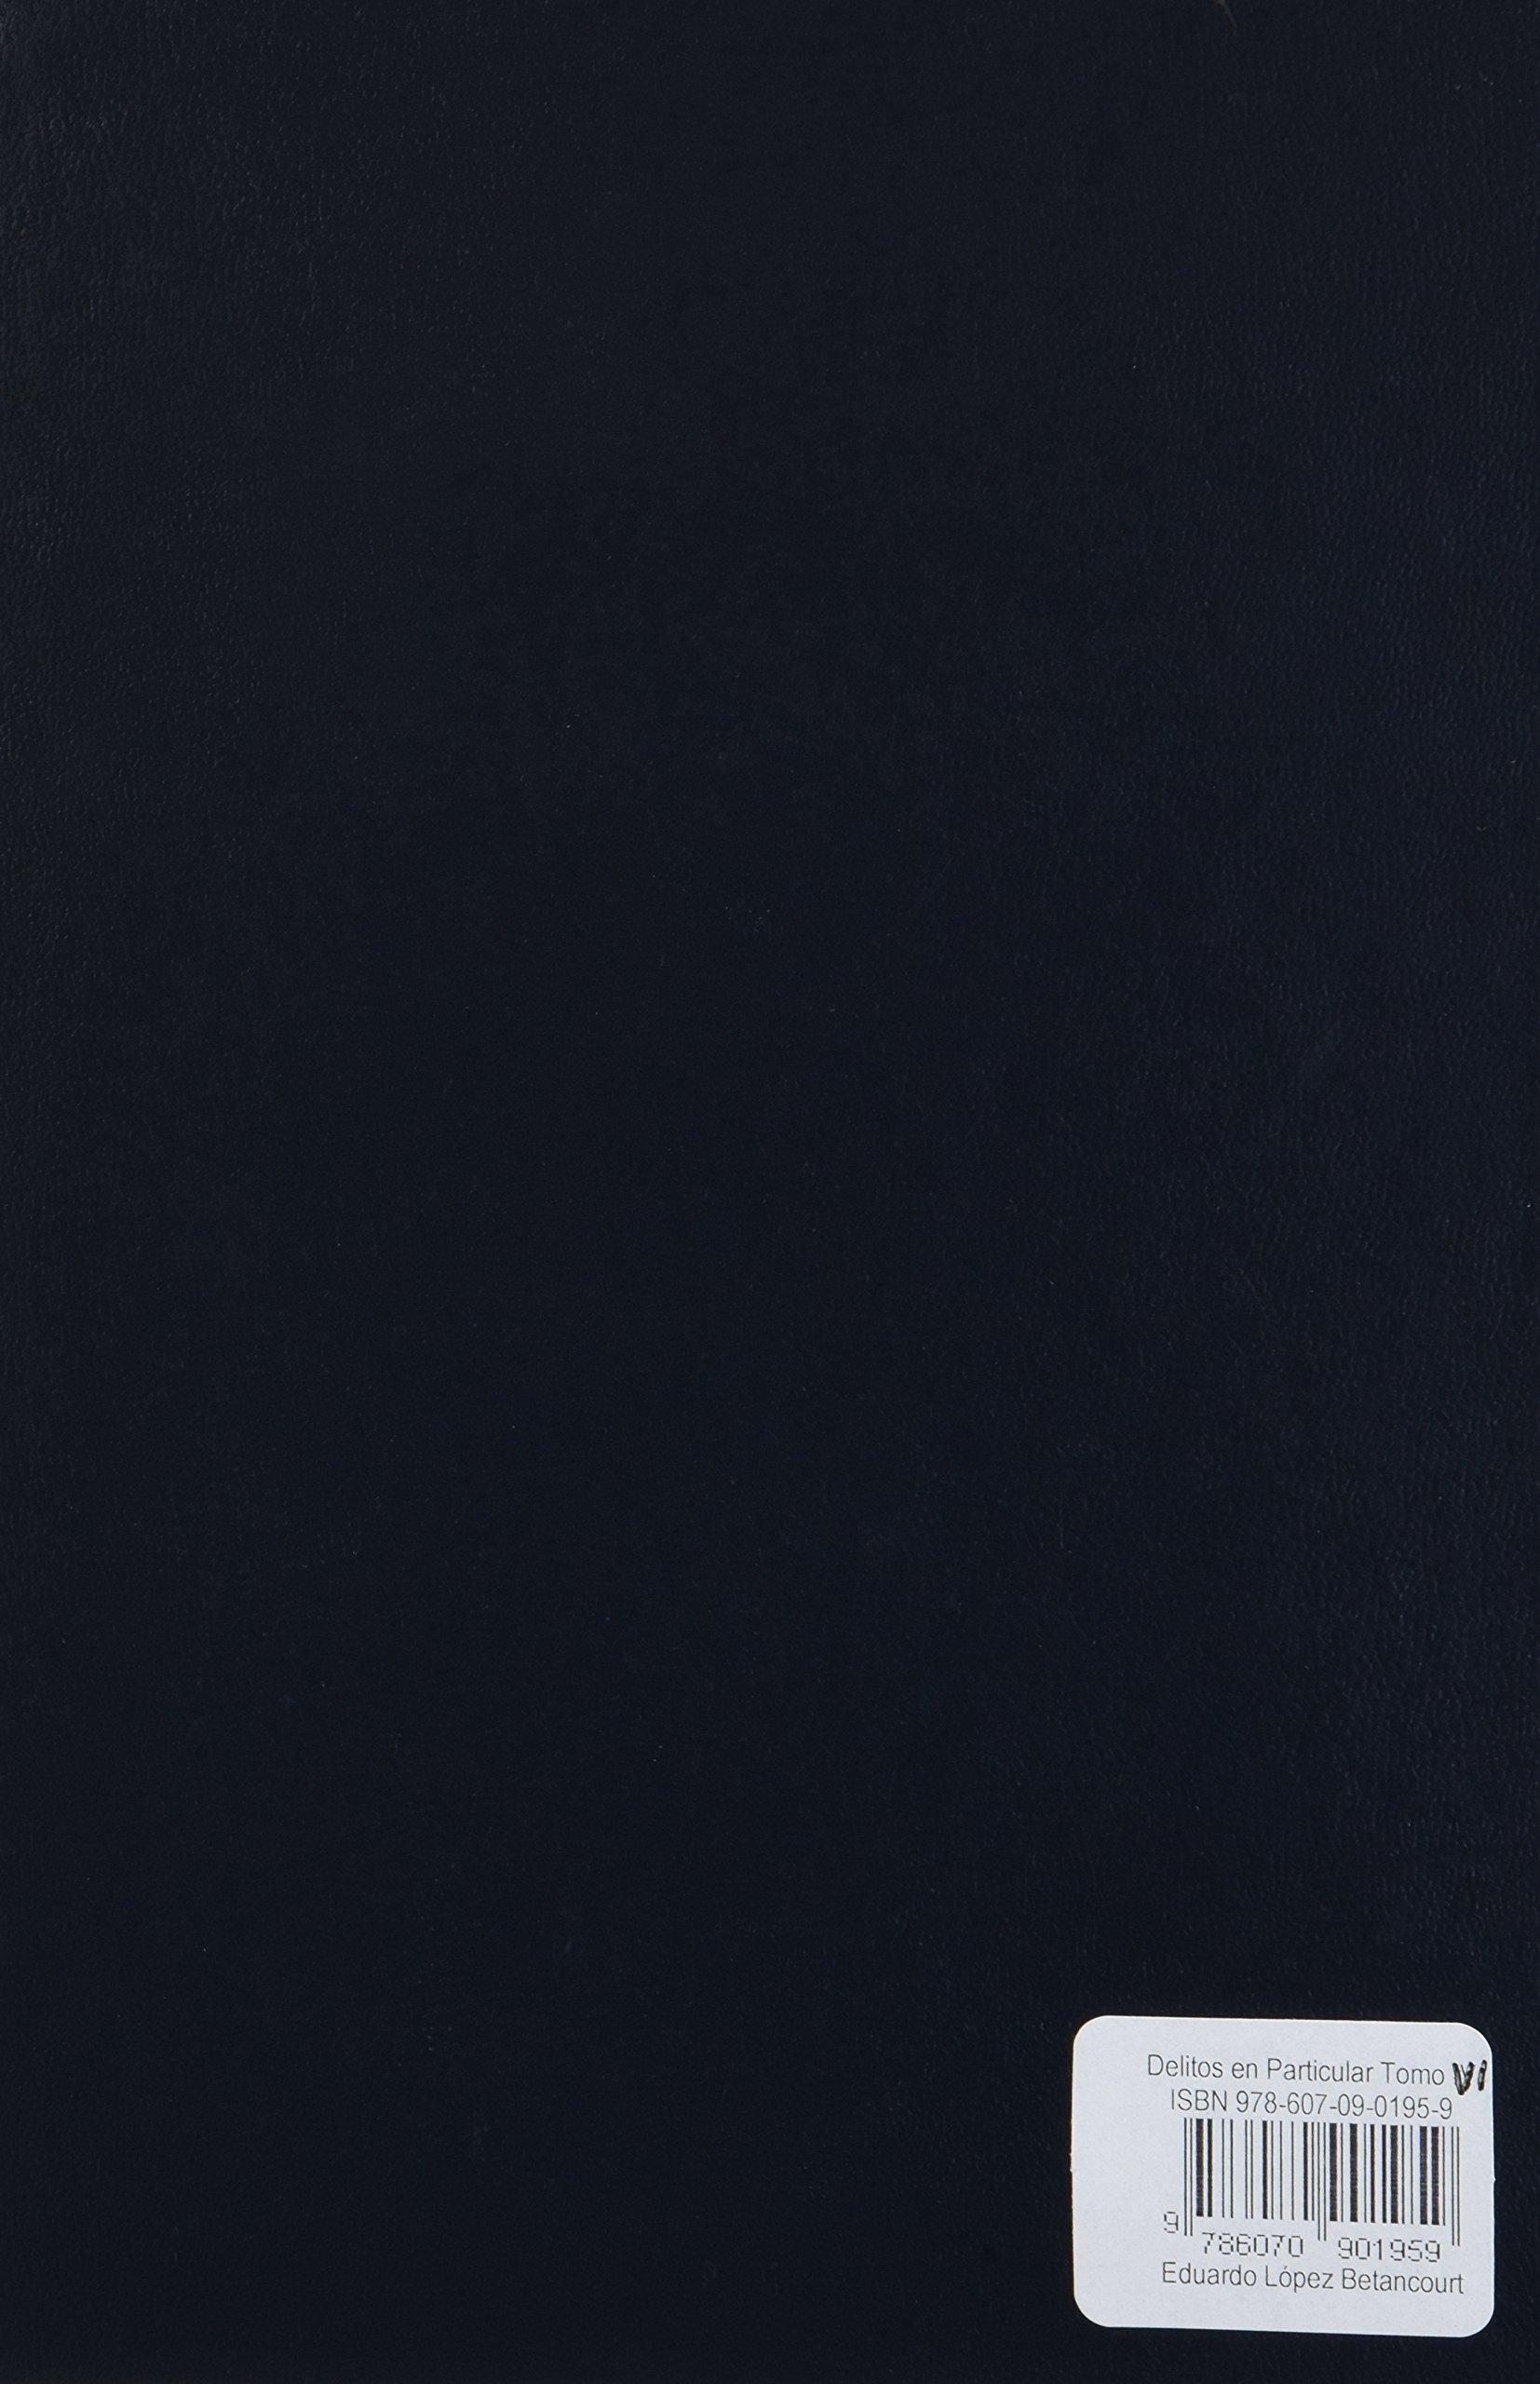 Delitos en particular 6 portada puede variar eduardo lopez delitos en particular 6 portada puede variar eduardo lopez betancourt editorial porra sa de cv amazon libros fandeluxe Image collections